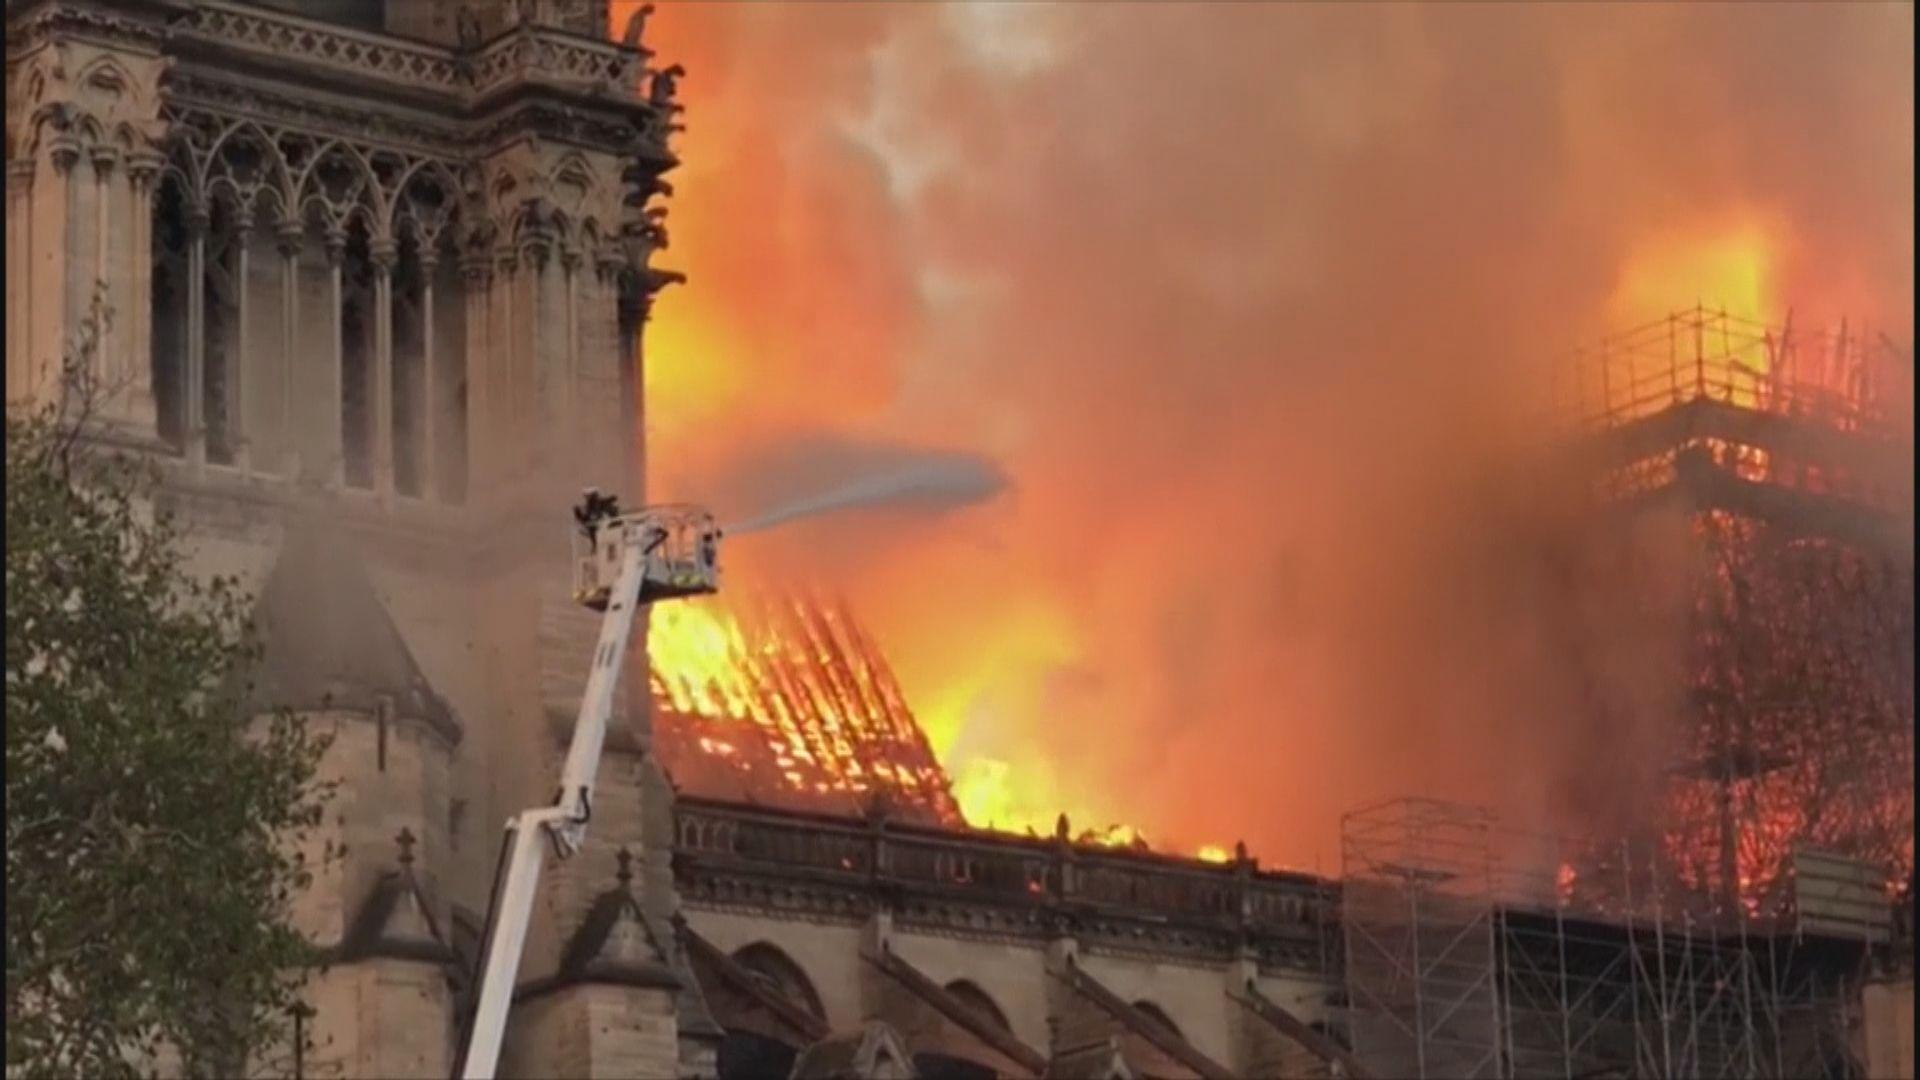 巴黎聖母院大火 焚燒15小時後被救熄